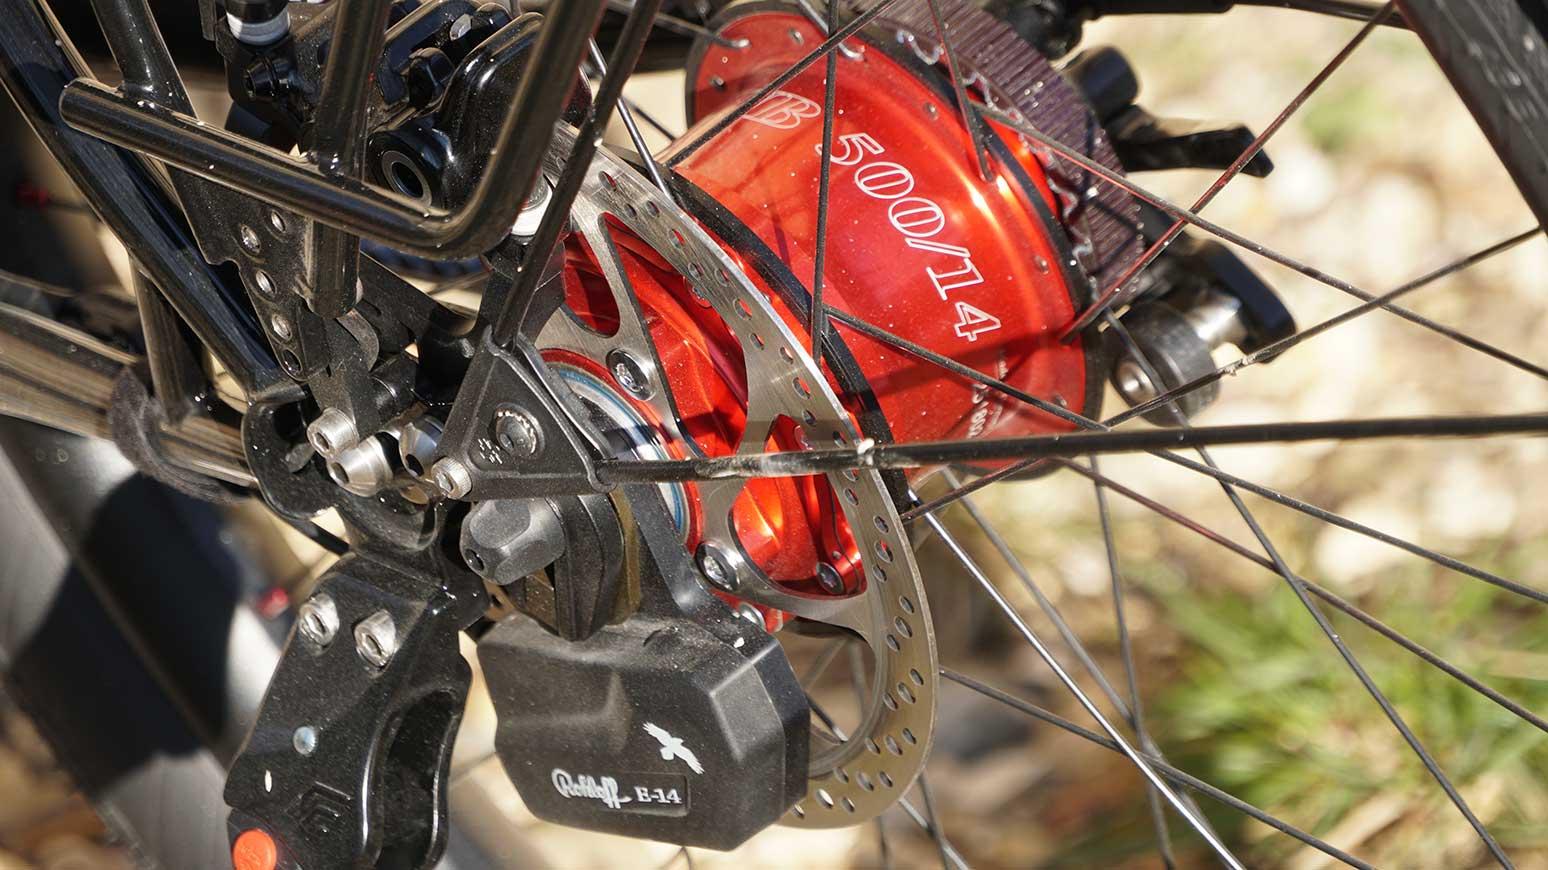 Rennstahl Reiserad Rohloff - die rote Rohloff 500/14 - vorne gekapselt: der Schaltmotor der E-14